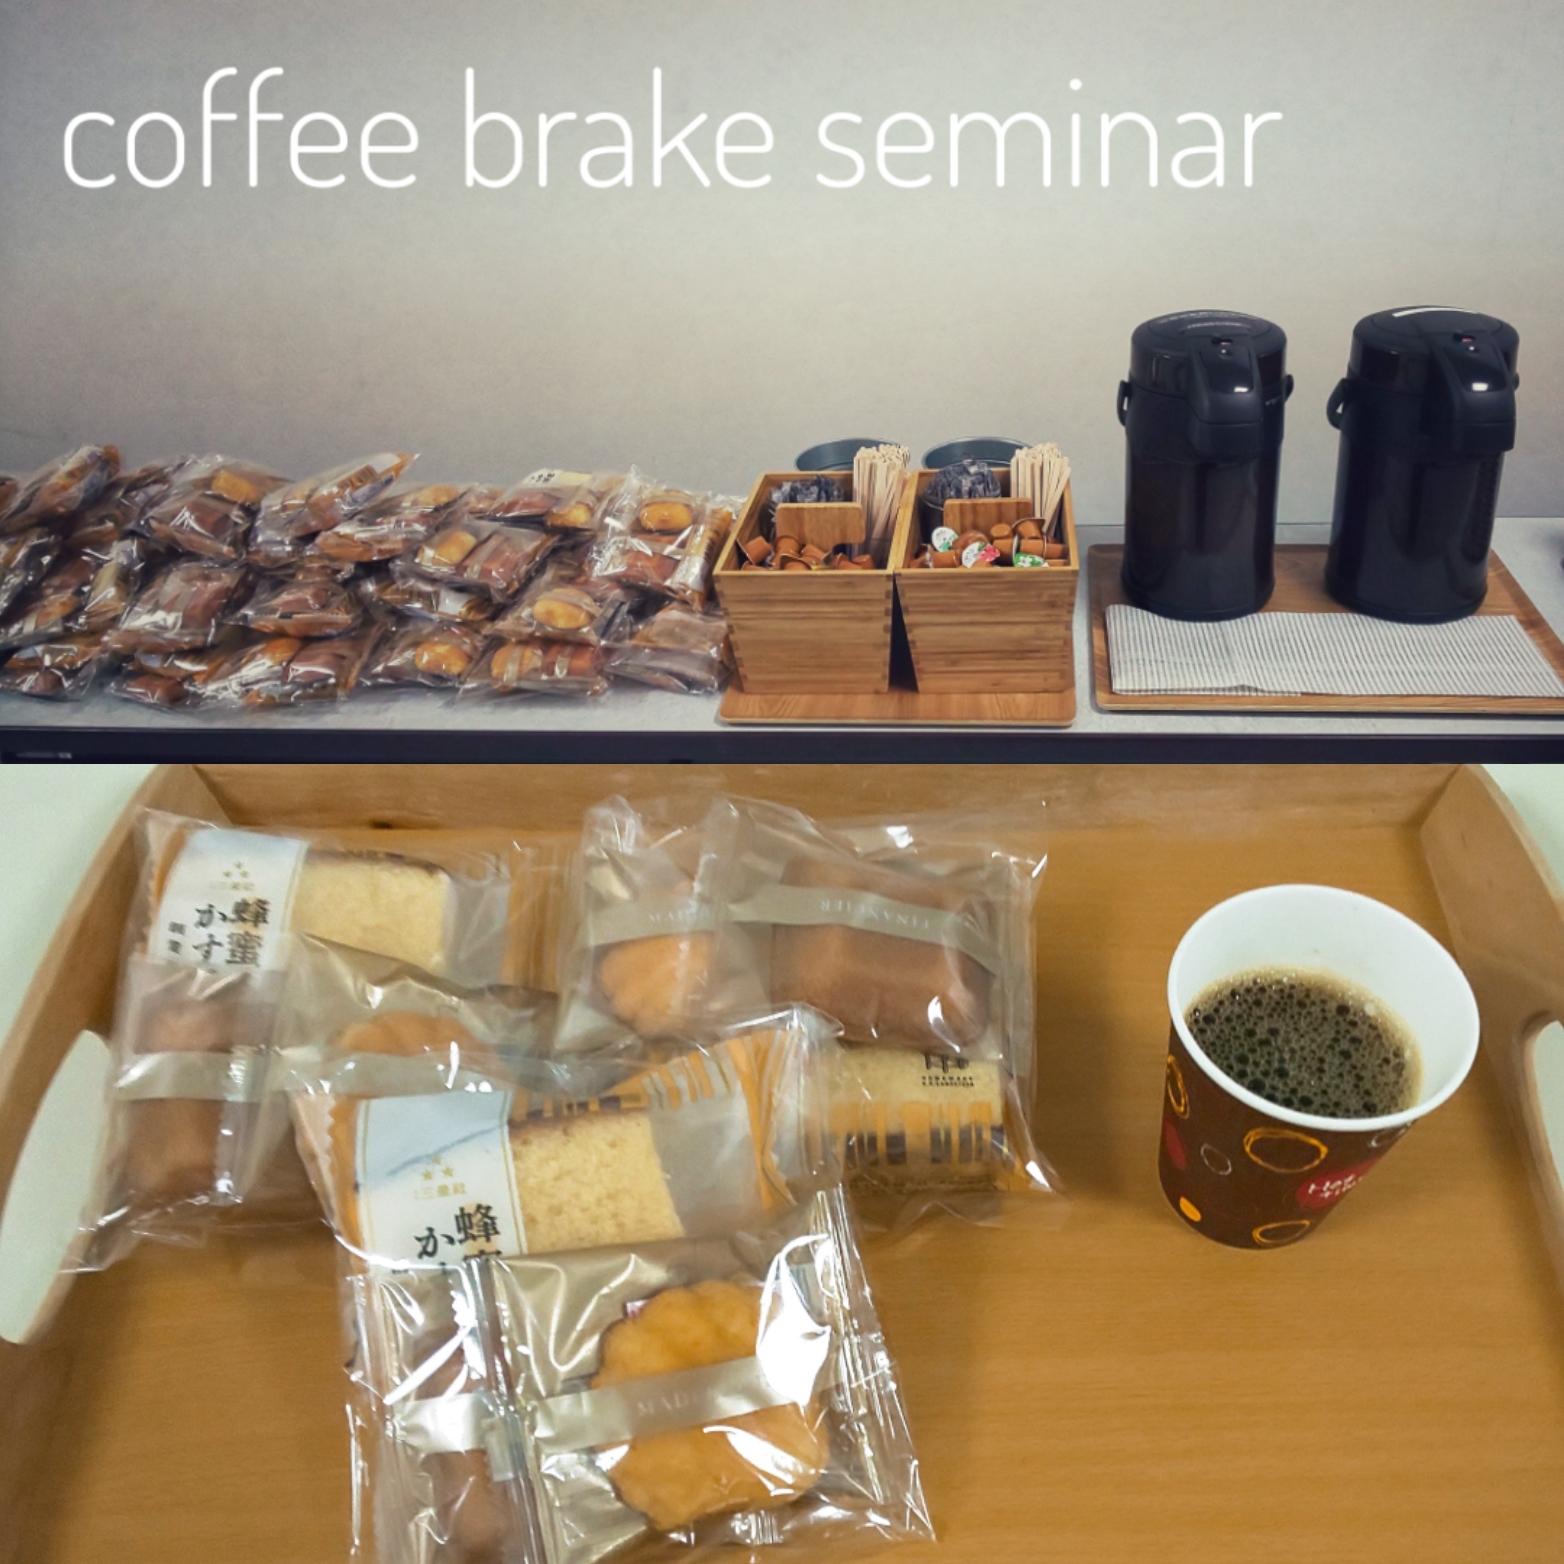 日本教育会館 コーヒーブレイクセミナー